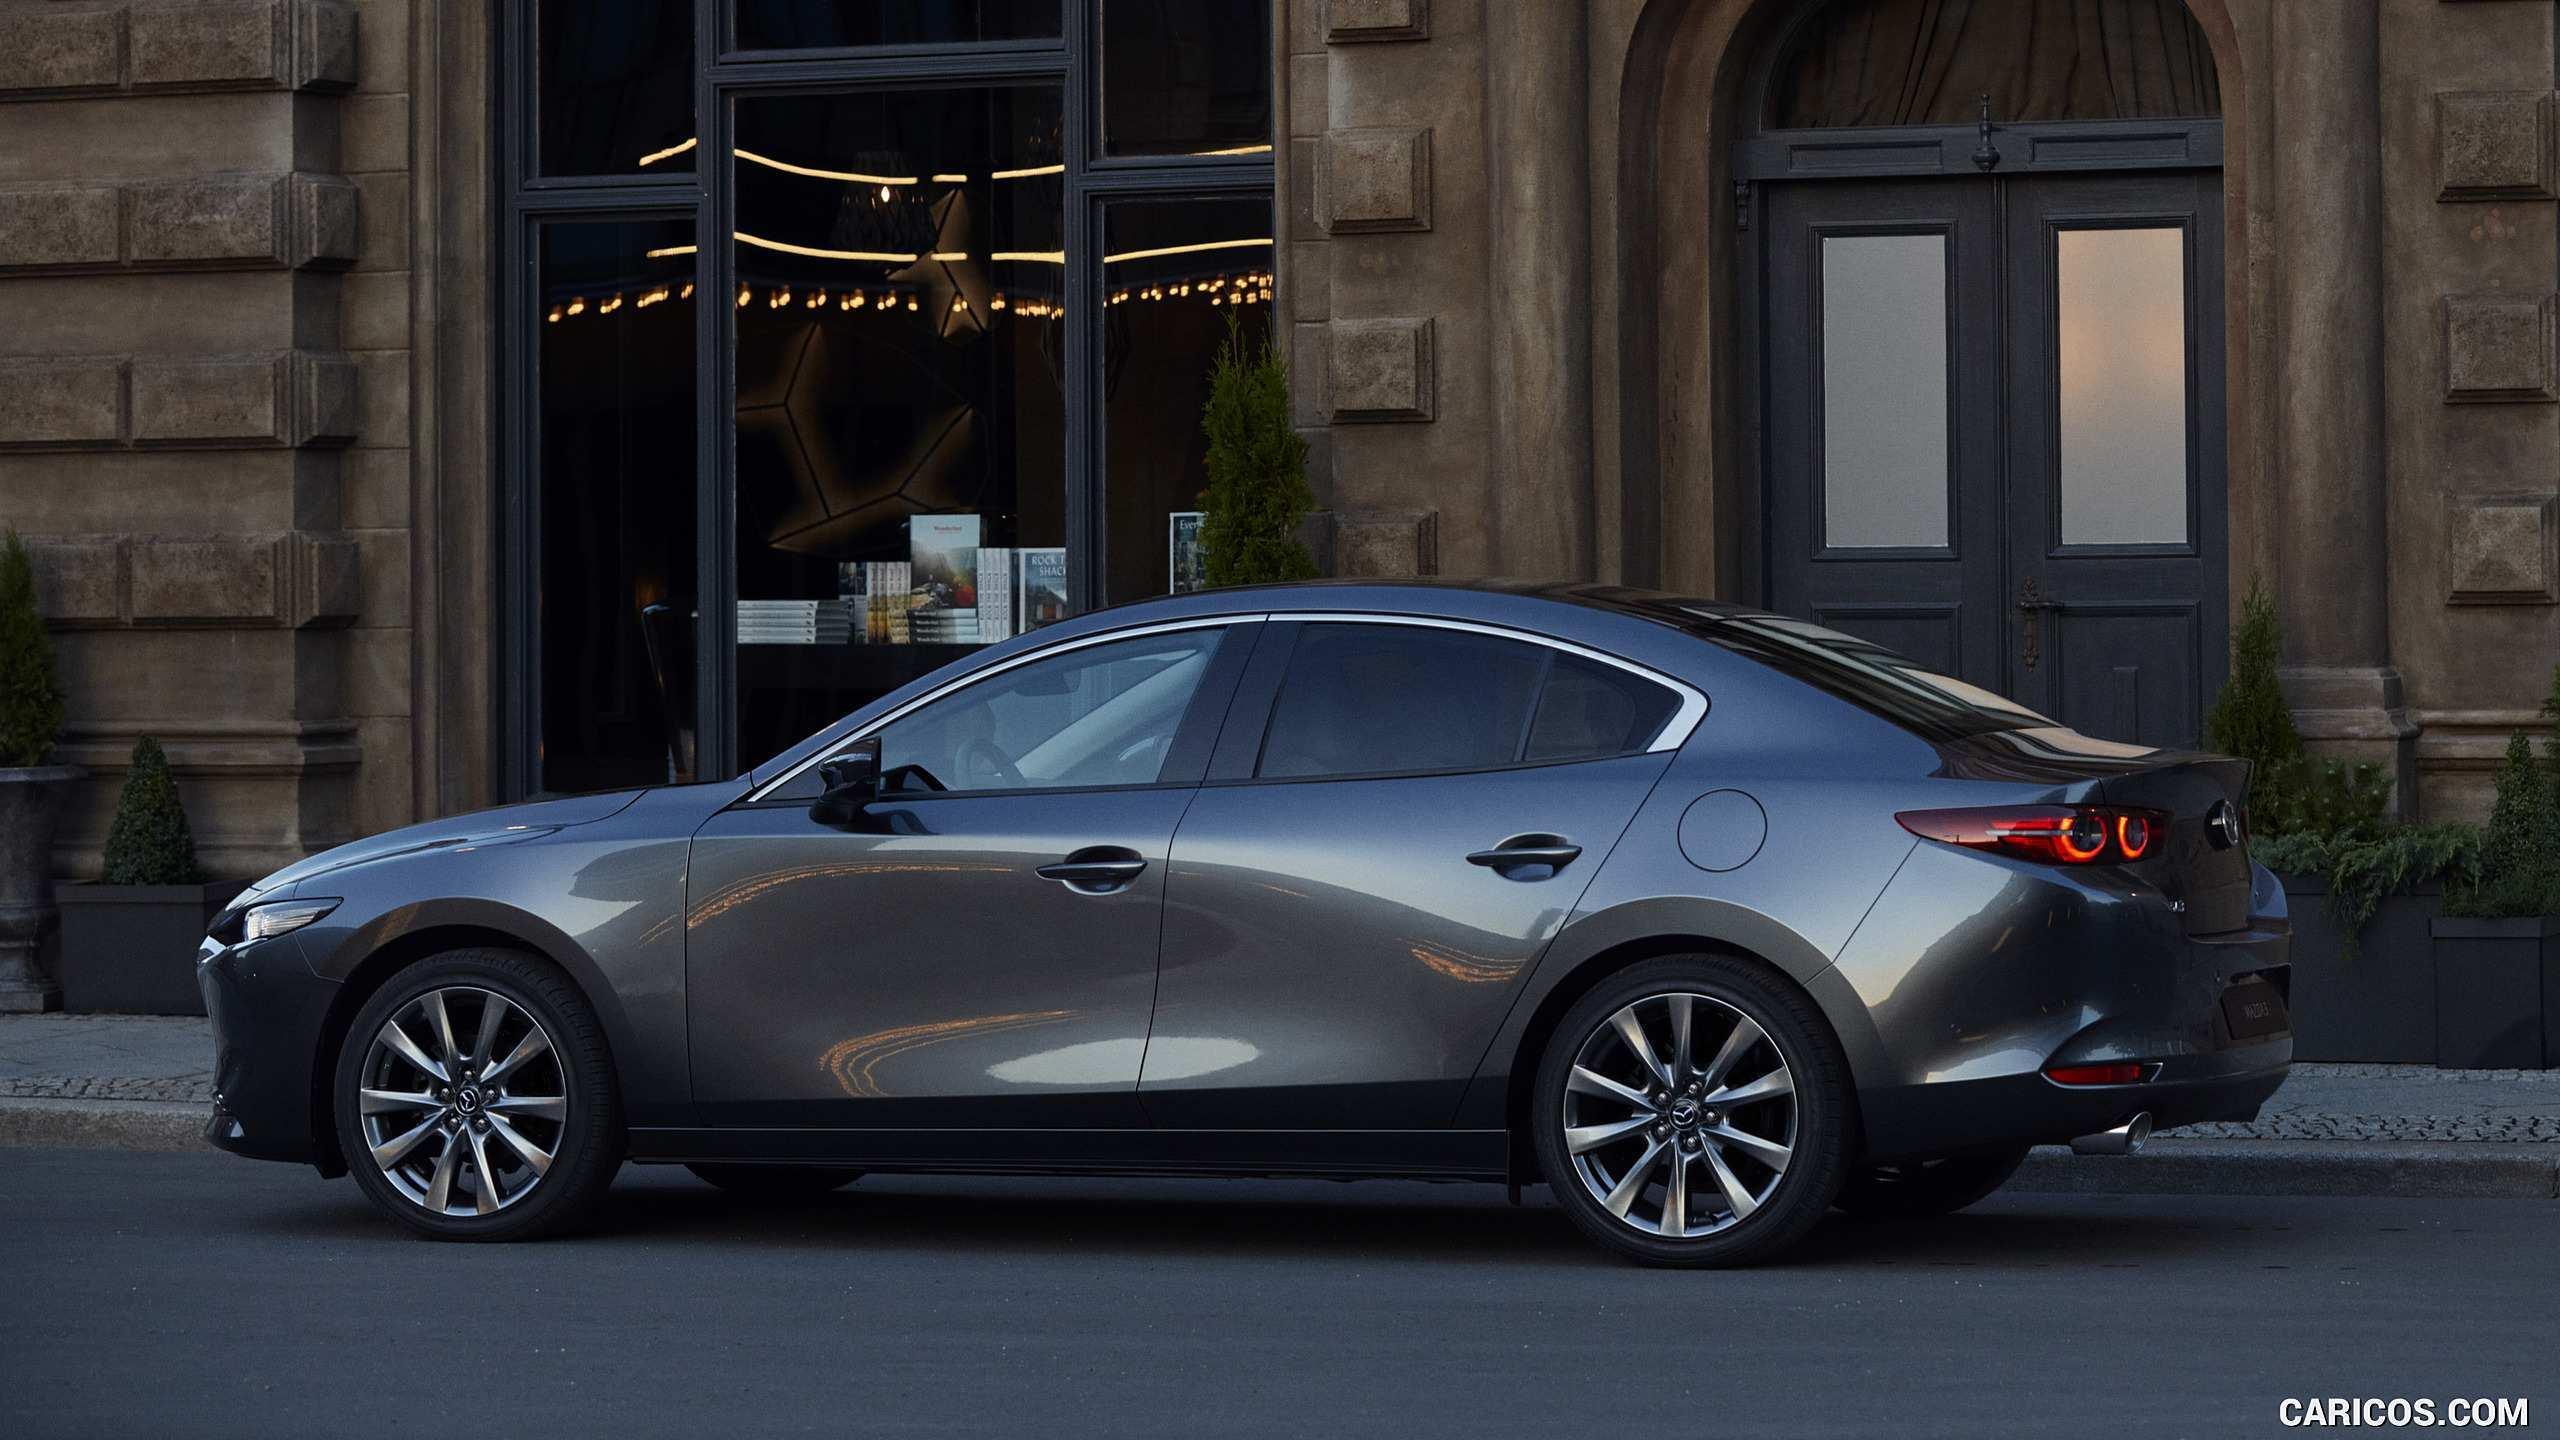 37 All New Cuando Sale El Mazda 3 2019 Exterior with Cuando Sale El Mazda 3 2019